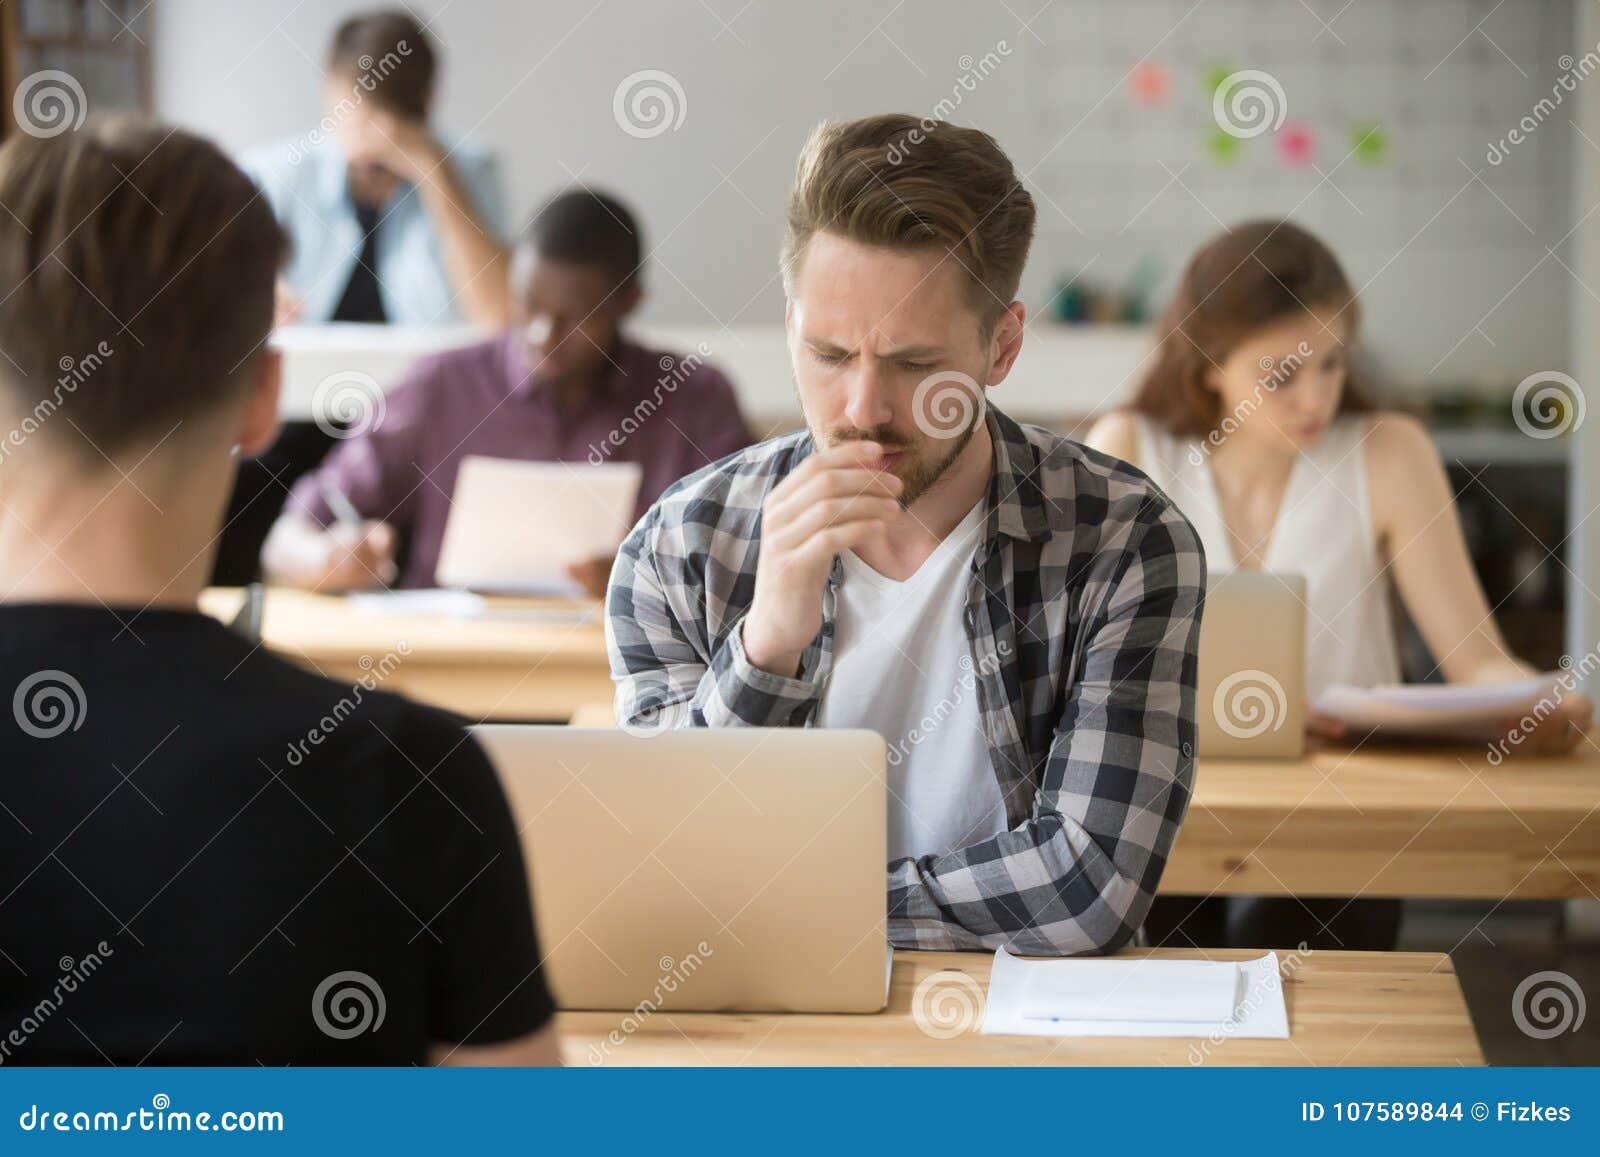 Ματαιωμένος επιχειρηματίας που εργάζεται στο lap-top στην ομο-εργασία, σκέψη